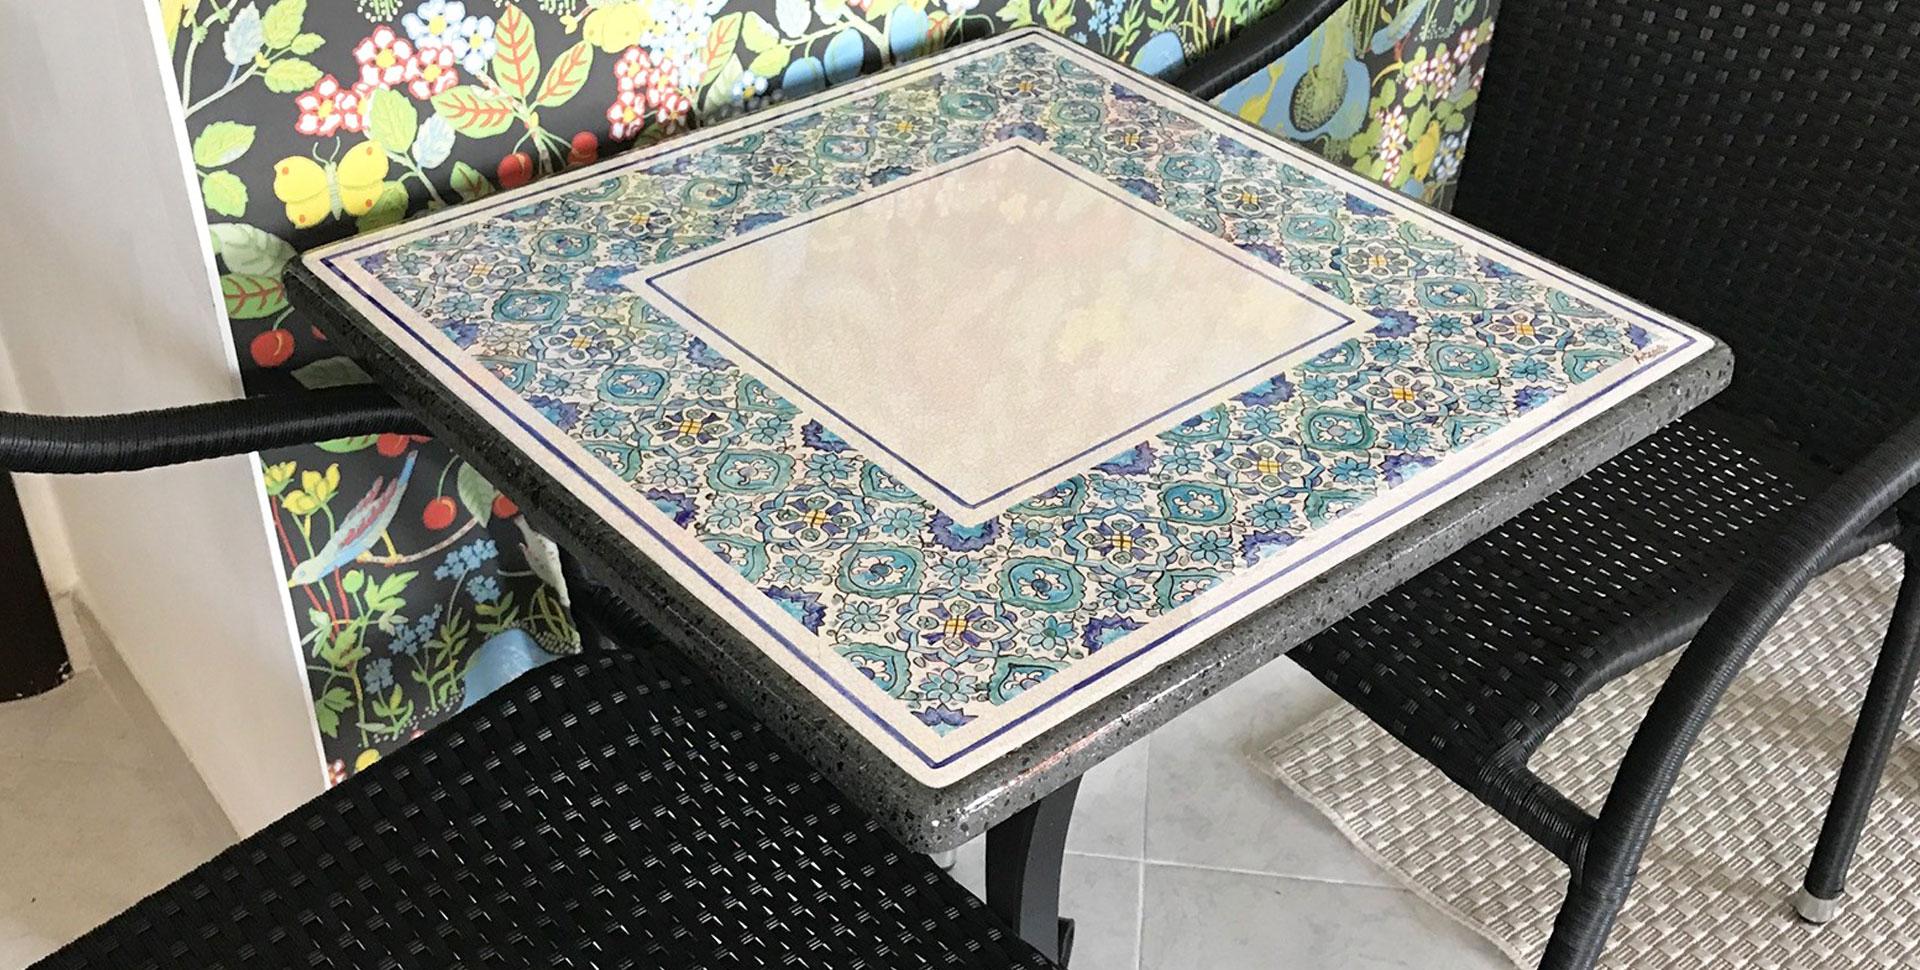 Tavoli In Pietra Lavica Prezzi.Tavoli Da Giardino In Pietra Lavica Decorati A Mano Artesole